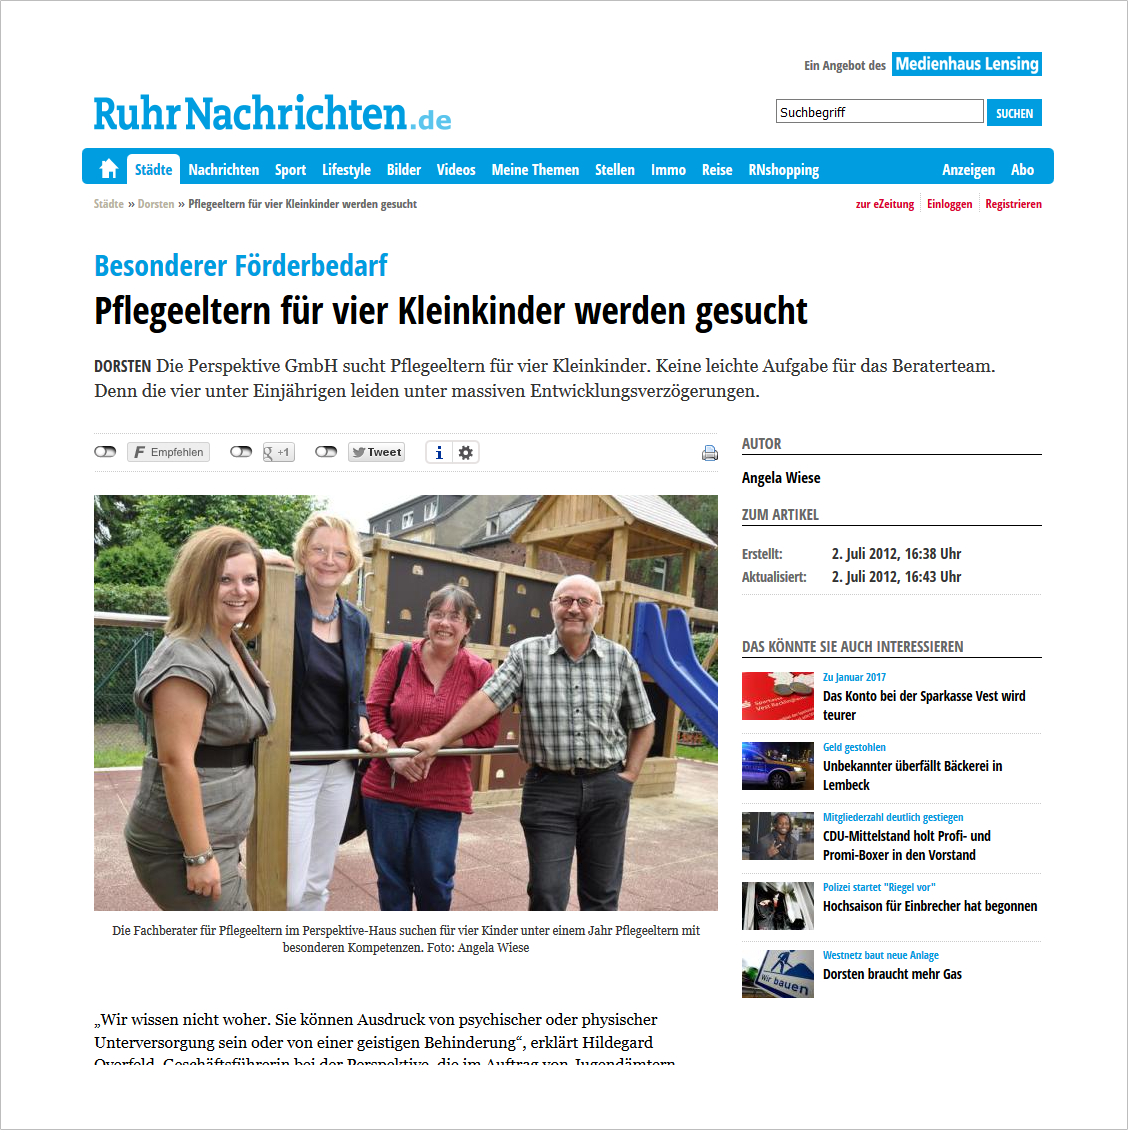 RuhrNachrichten